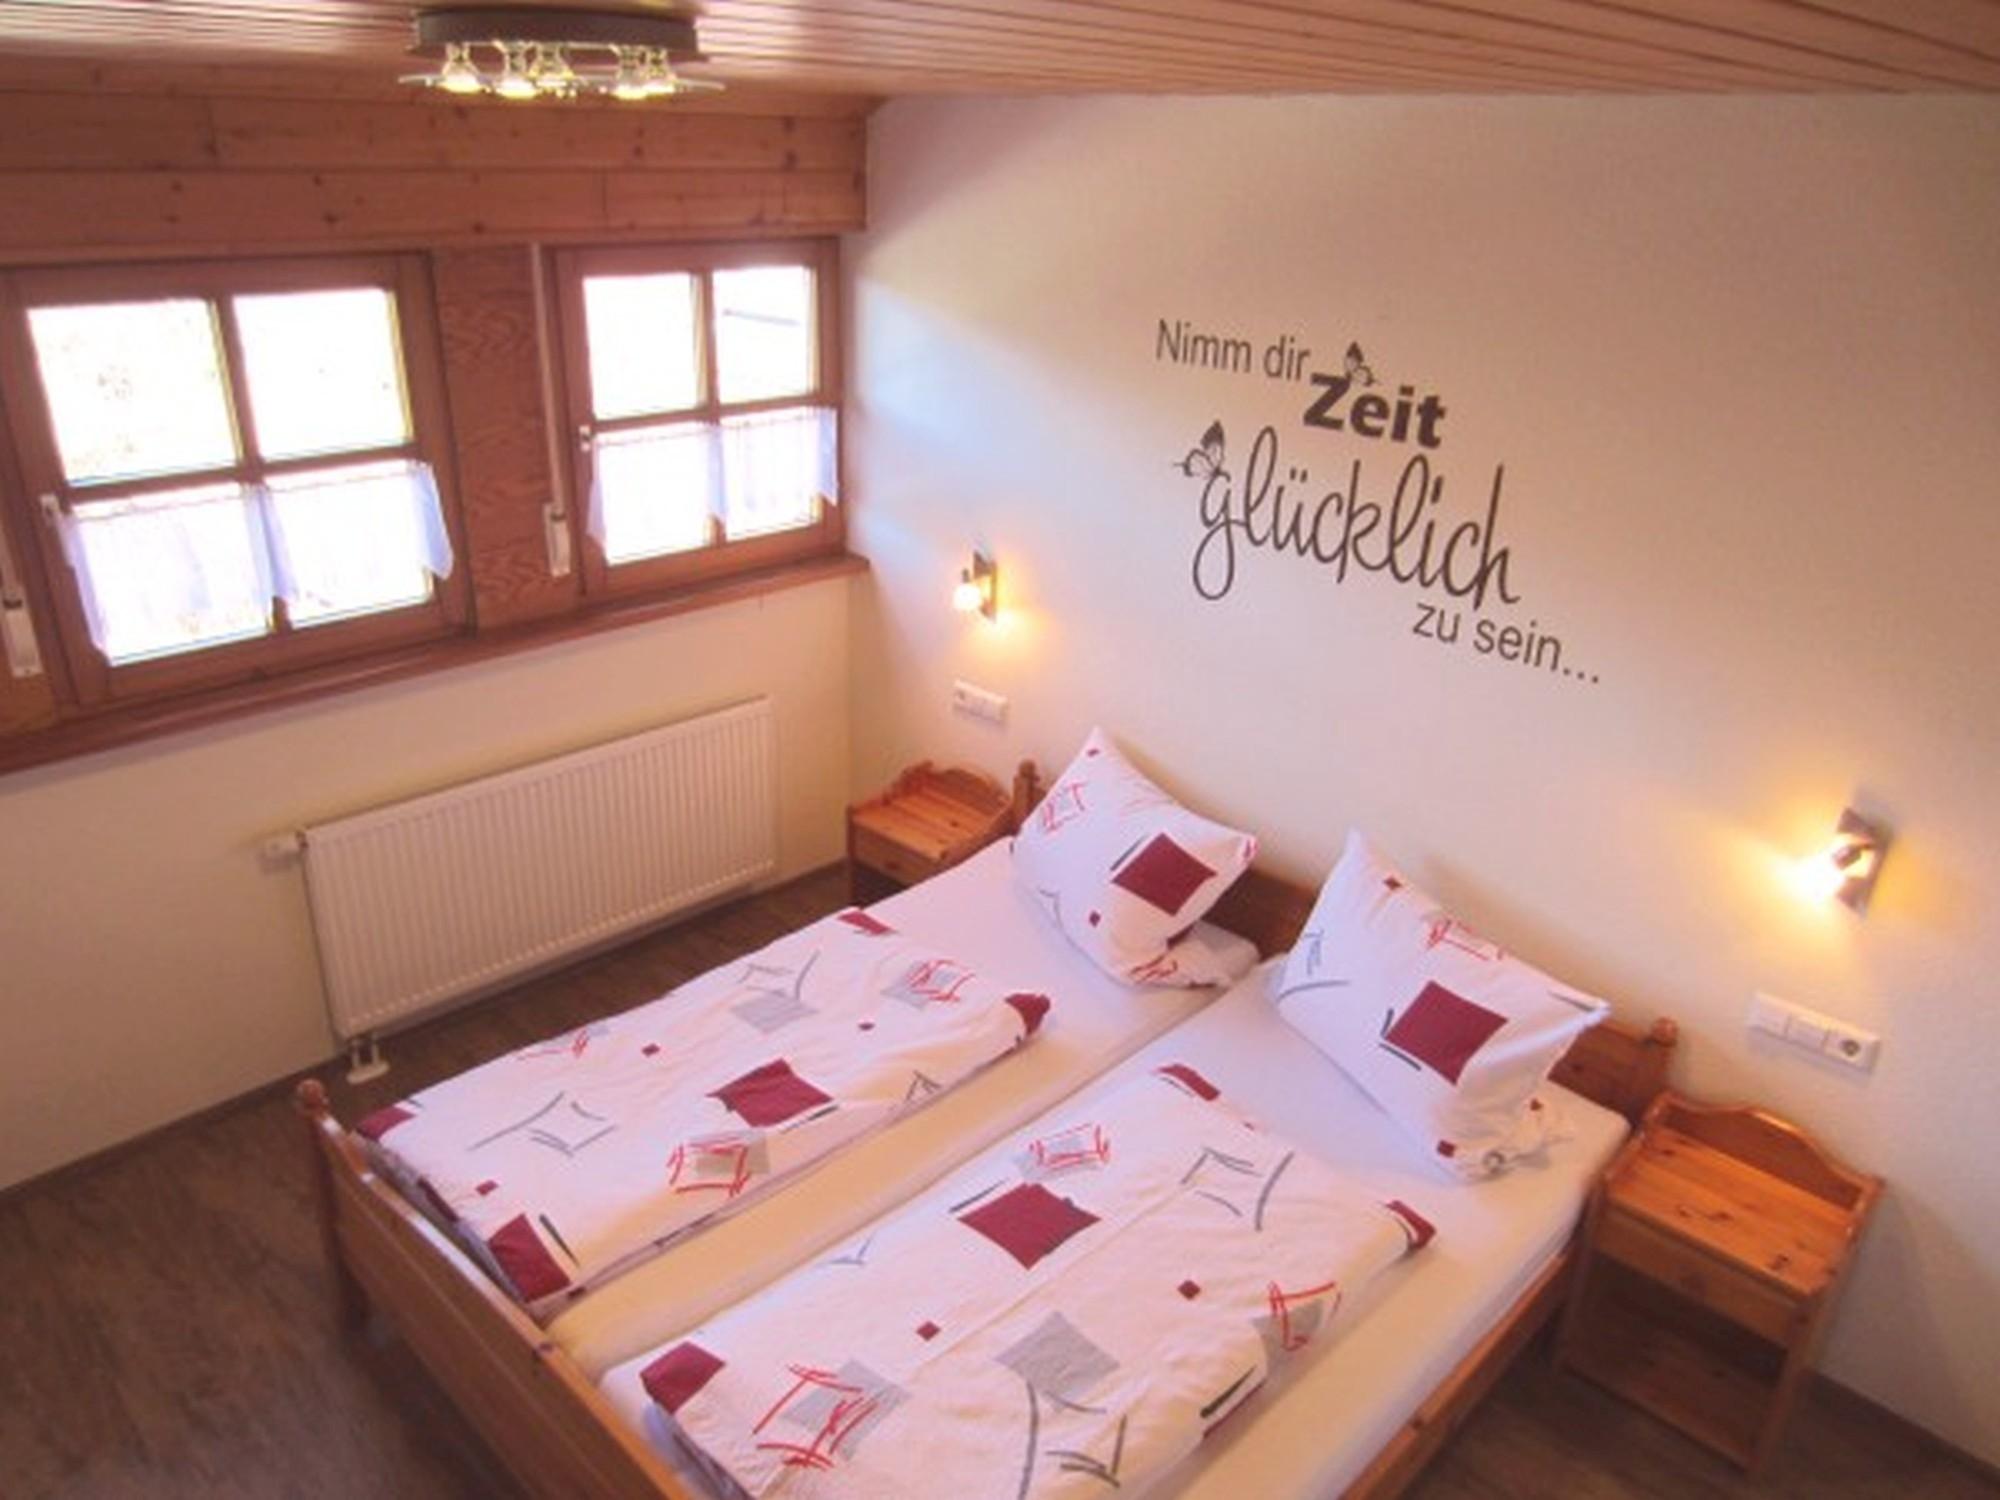 Schlafzimmer Ferienwohnung Balkonblick ist fertig